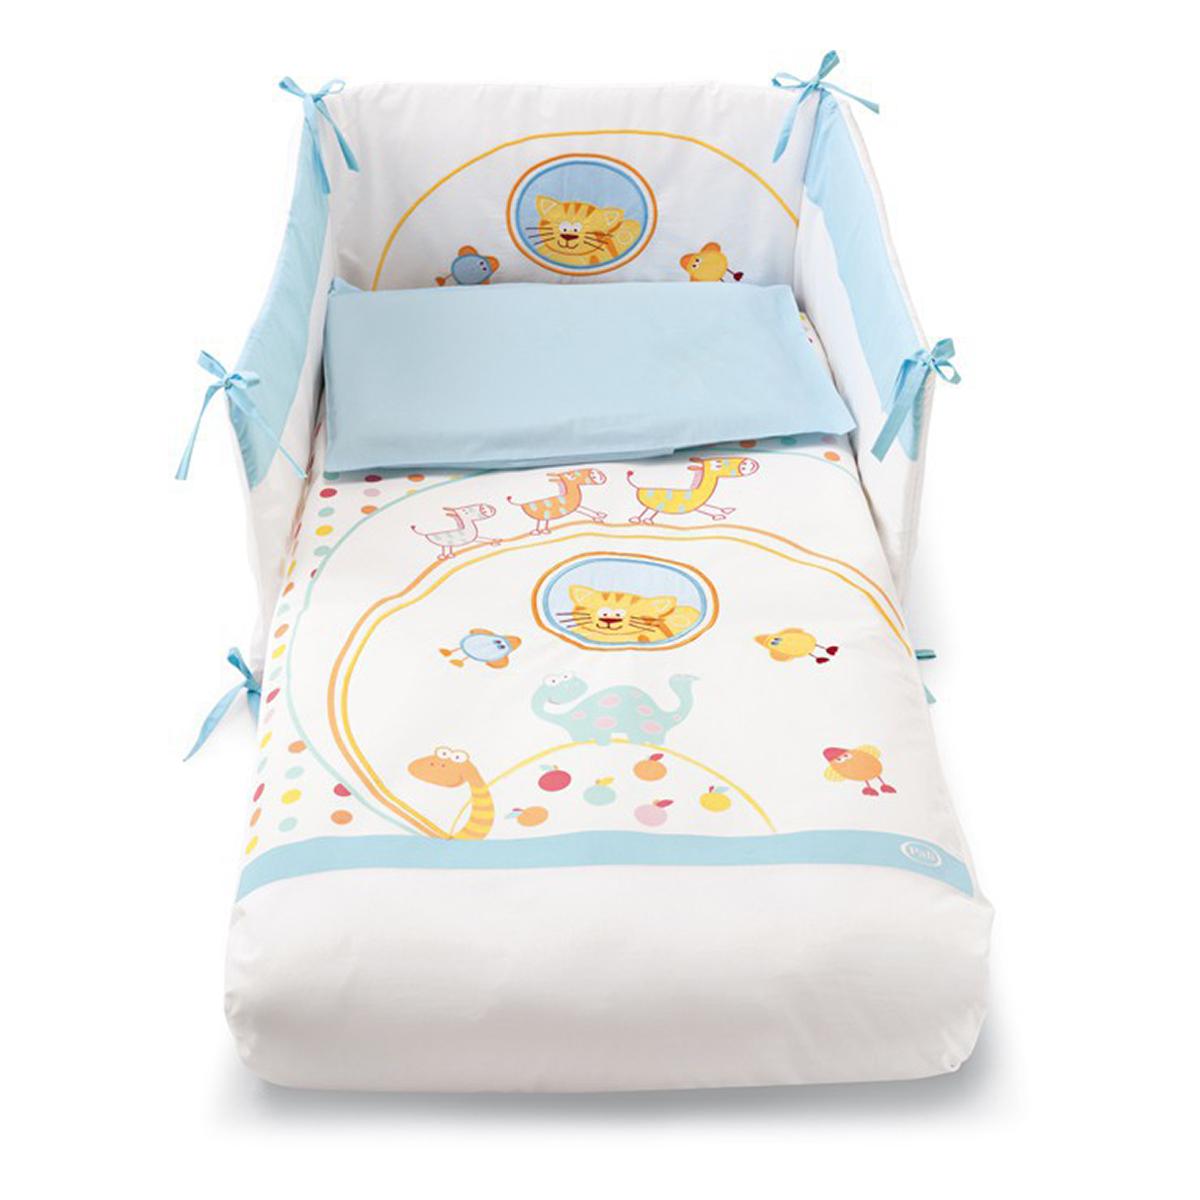 lenjerie de pat copii pali 4 piese zenzero - azzuro